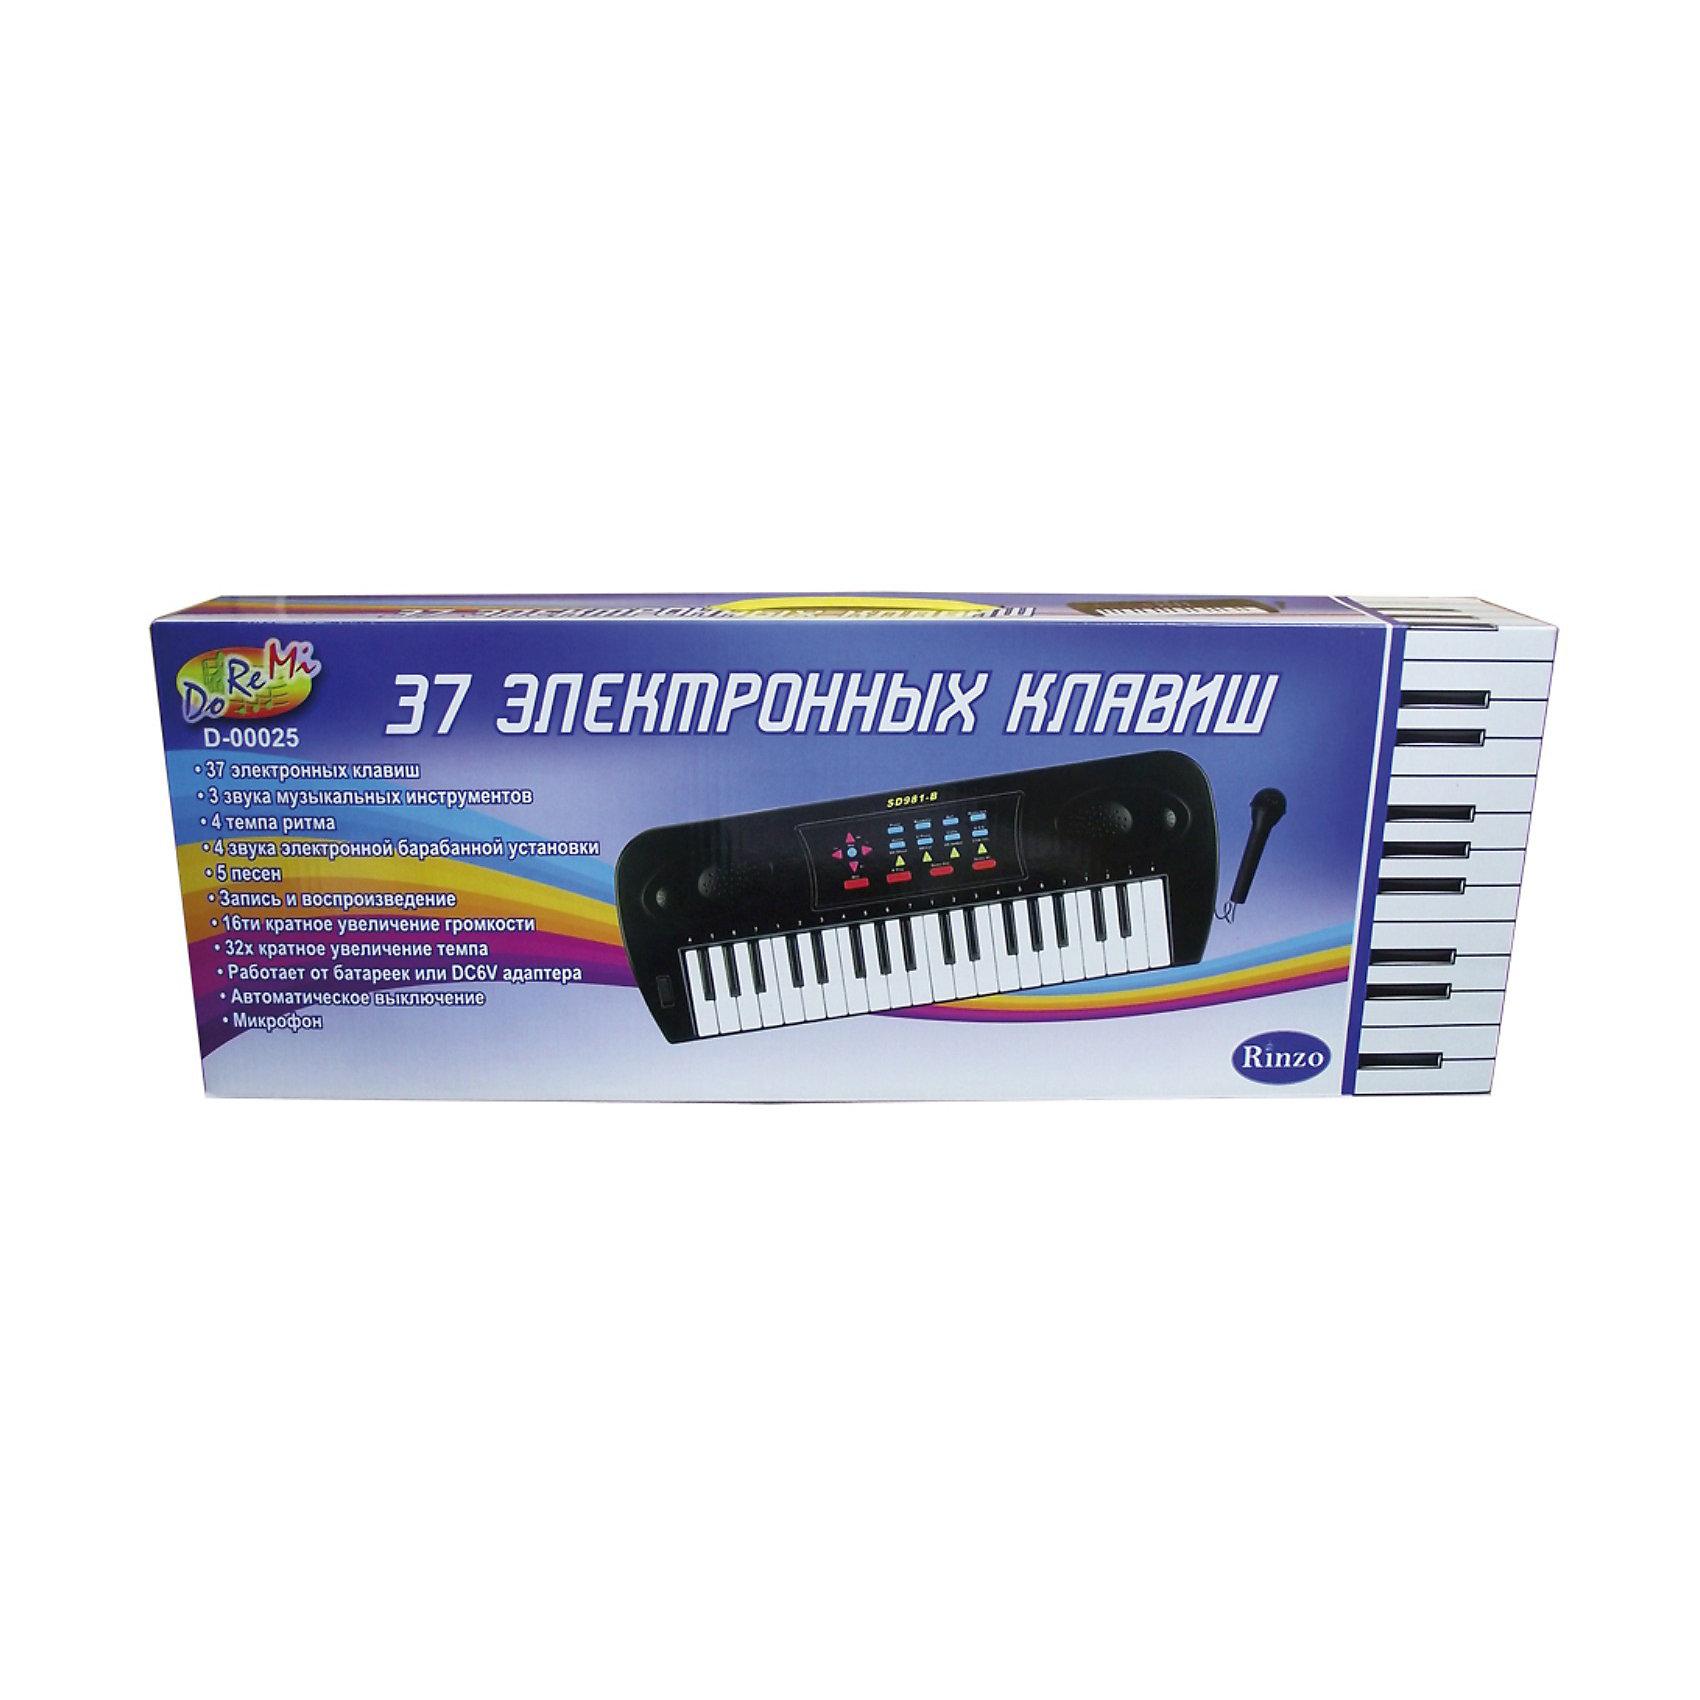 DoReMi Синтезатор с микрофоном, 37 клавишМузыкальные инструменты и игрушки<br>DoReMi Синтезатор с микрофоном, 37 клавиш - электронно-механический синтезатор с микрофоном и 37 клавишами - отличный подарок для всех юных музыкантов.<br><br>Яркий синтезатор DoReMi привлечет внимание вашего ребенка и доставит ему много удовольствия от часов, посвященных игре с ним. Синтезатор имеет 37 музыкальных клавиш и множество кнопок, позволяющих добавлять различные звуковые эффекты при составлении мелодий, менять темп и ритм музыки. Кроме того, имеется возможность записи мелодий. <br>В комплекте с синтезатором идет микрофон. <br><br>С помощью этого синтезатора ребенок сможет развить свои музыкальные способности и порадовать близких великолепным концертом.   <br><br>Дополнительная информация:<br><br>- Размеры: 53 x 6 x 19,2 см.<br>- Батарейки: 6 х АА.<br>- Вес: 920 г.<br><br>Ширина мм: 530<br>Глубина мм: 60<br>Высота мм: 192<br>Вес г: 920<br>Возраст от месяцев: 60<br>Возраст до месяцев: 1188<br>Пол: Унисекс<br>Возраст: Детский<br>SKU: 2557196